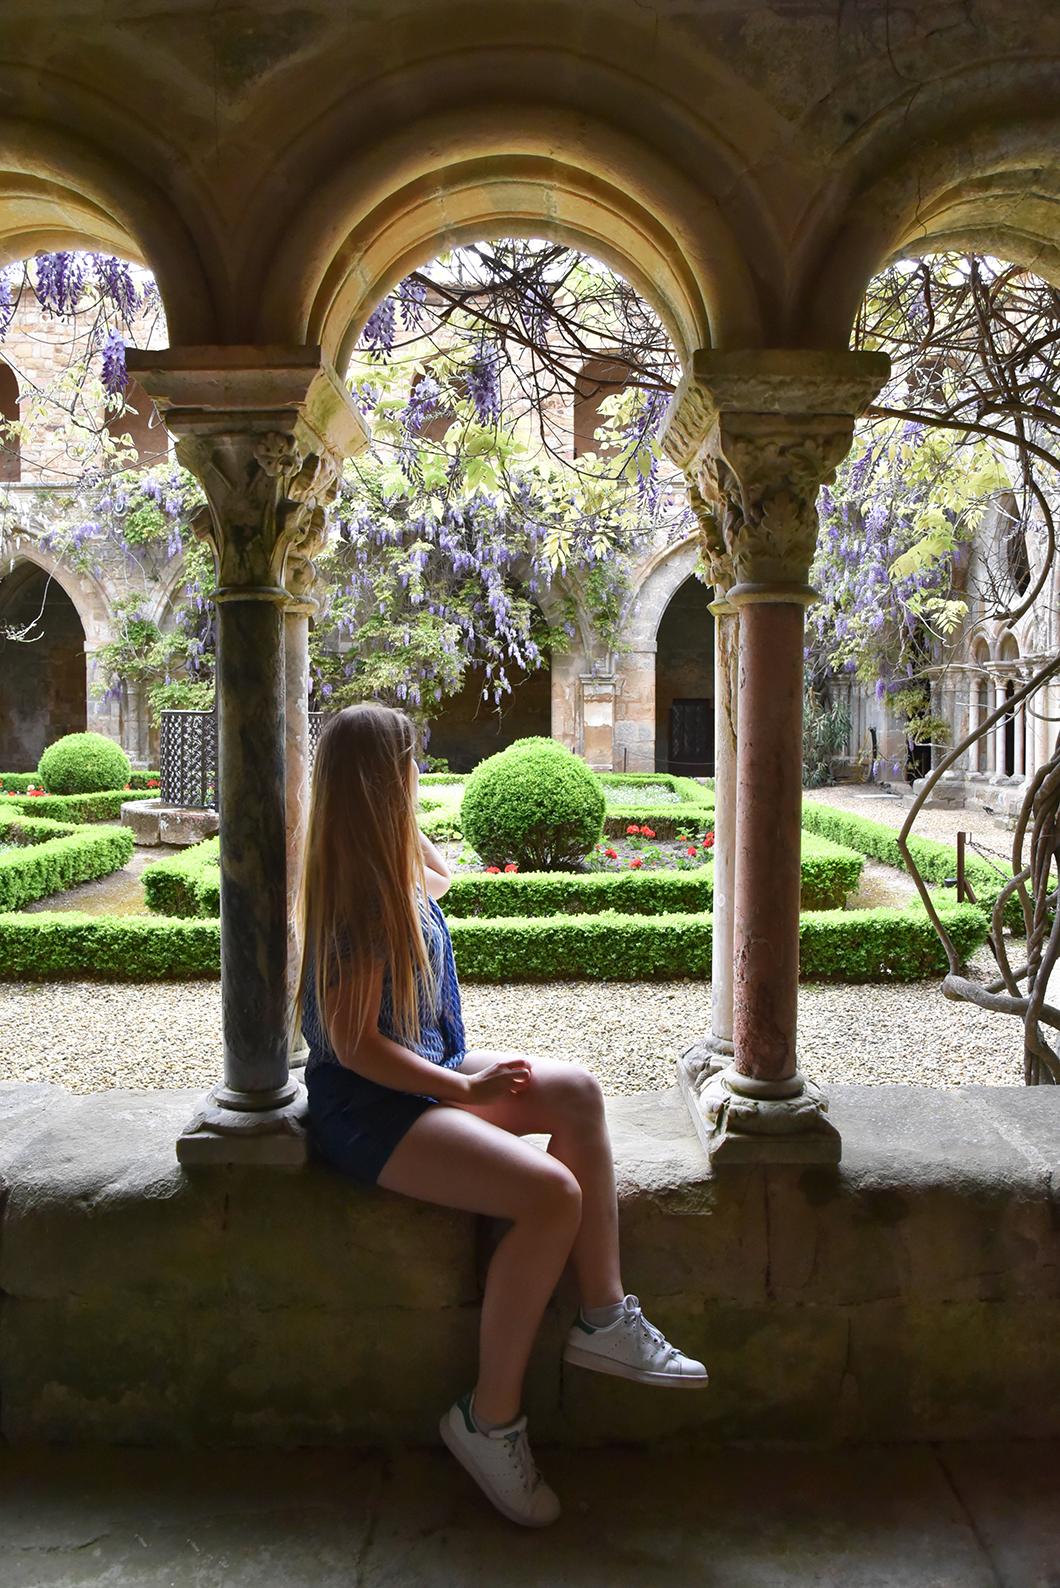 Visite l'Abbaye de Fontfroide dans l'Aude